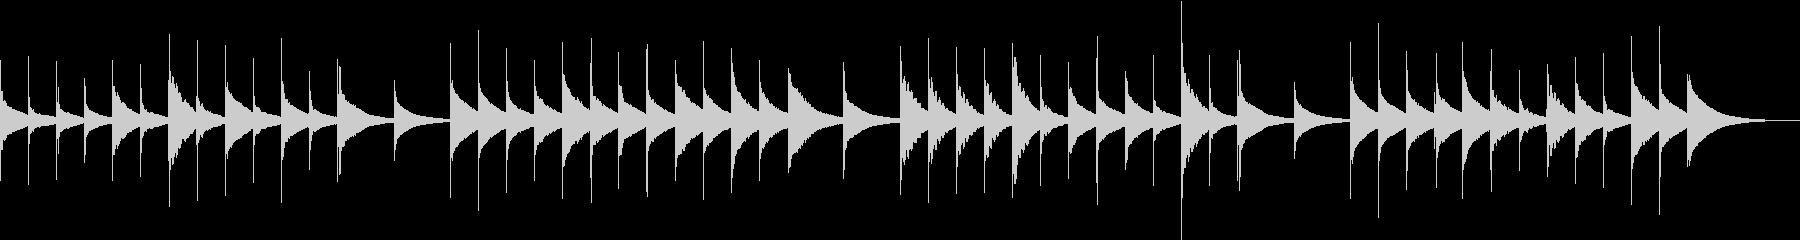 【童謡オルゴール】ひなまつりの未再生の波形